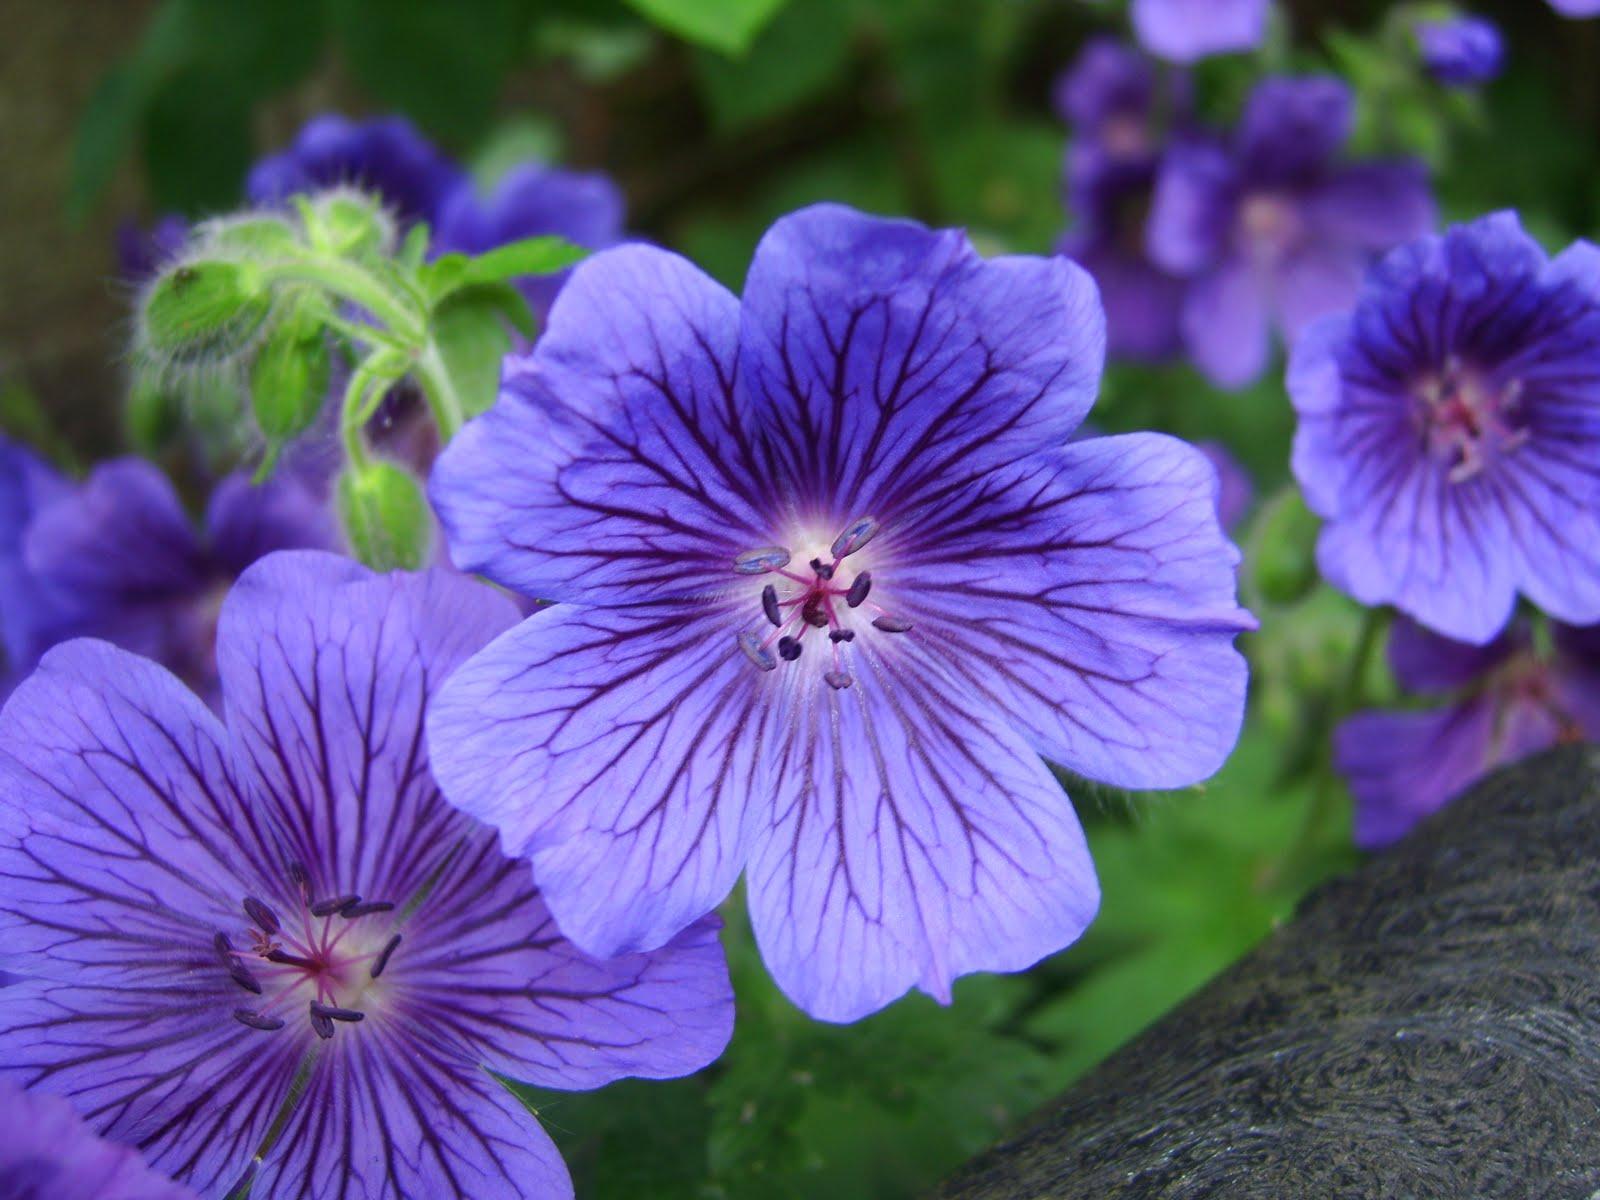 「ゲンノショウコ属」 「ゲラニウム属」 「geranium herb」 「genus Geranium」 「Geranium属」 「geranium」